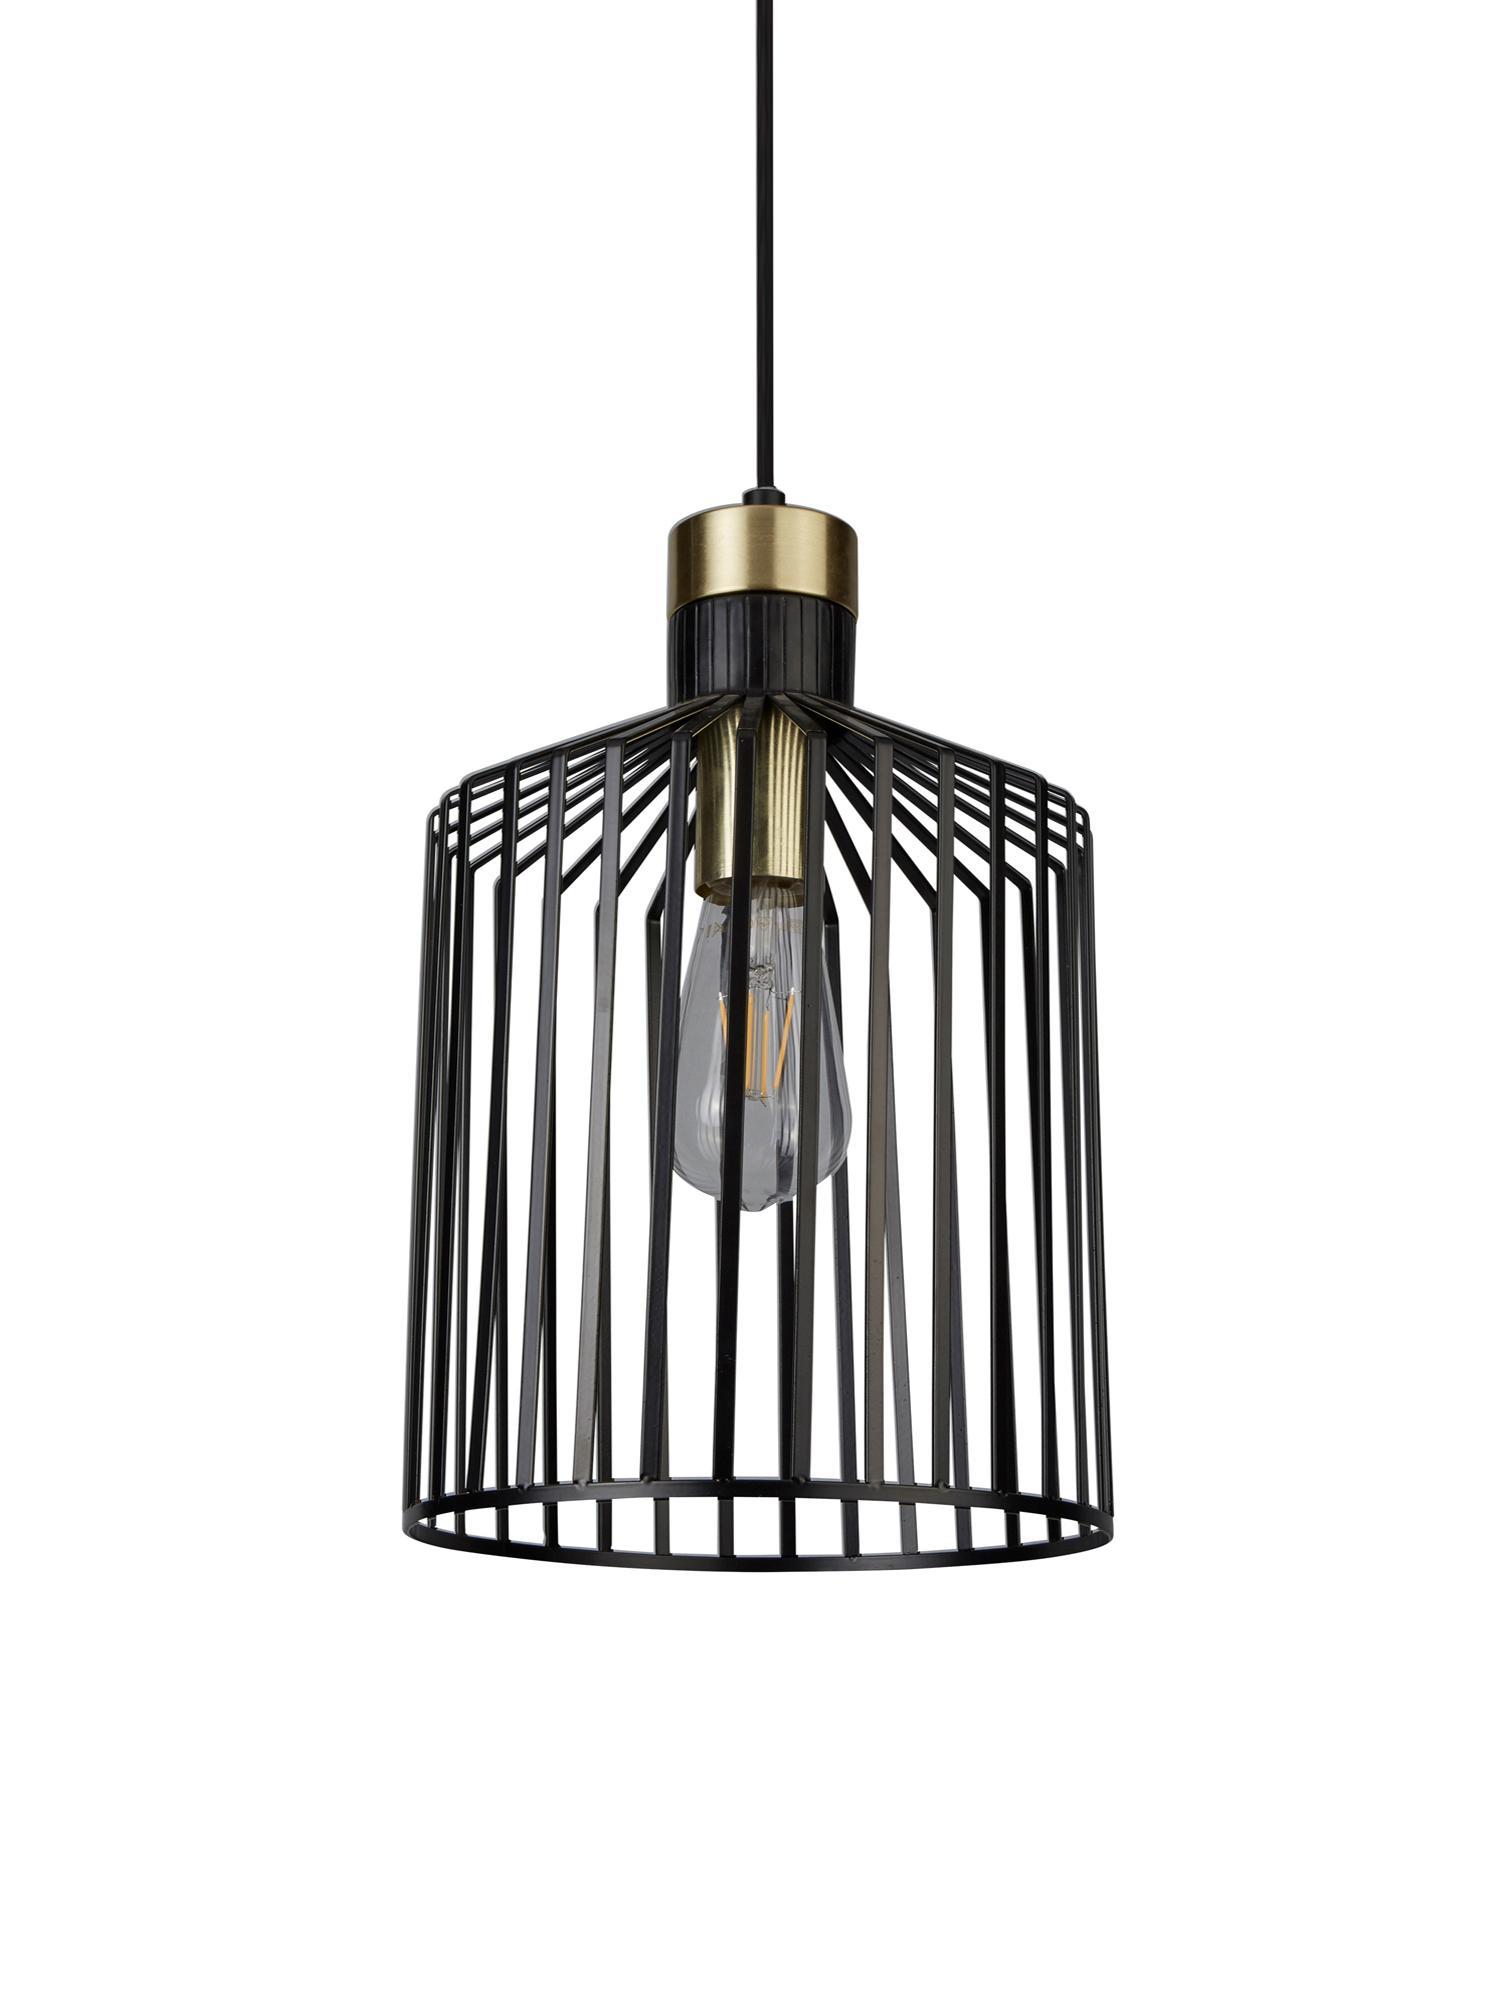 Hanglamp Bird Cage, Gecoat metaal, Zwart, goudkleurig, Ø 22 x H 36 cm